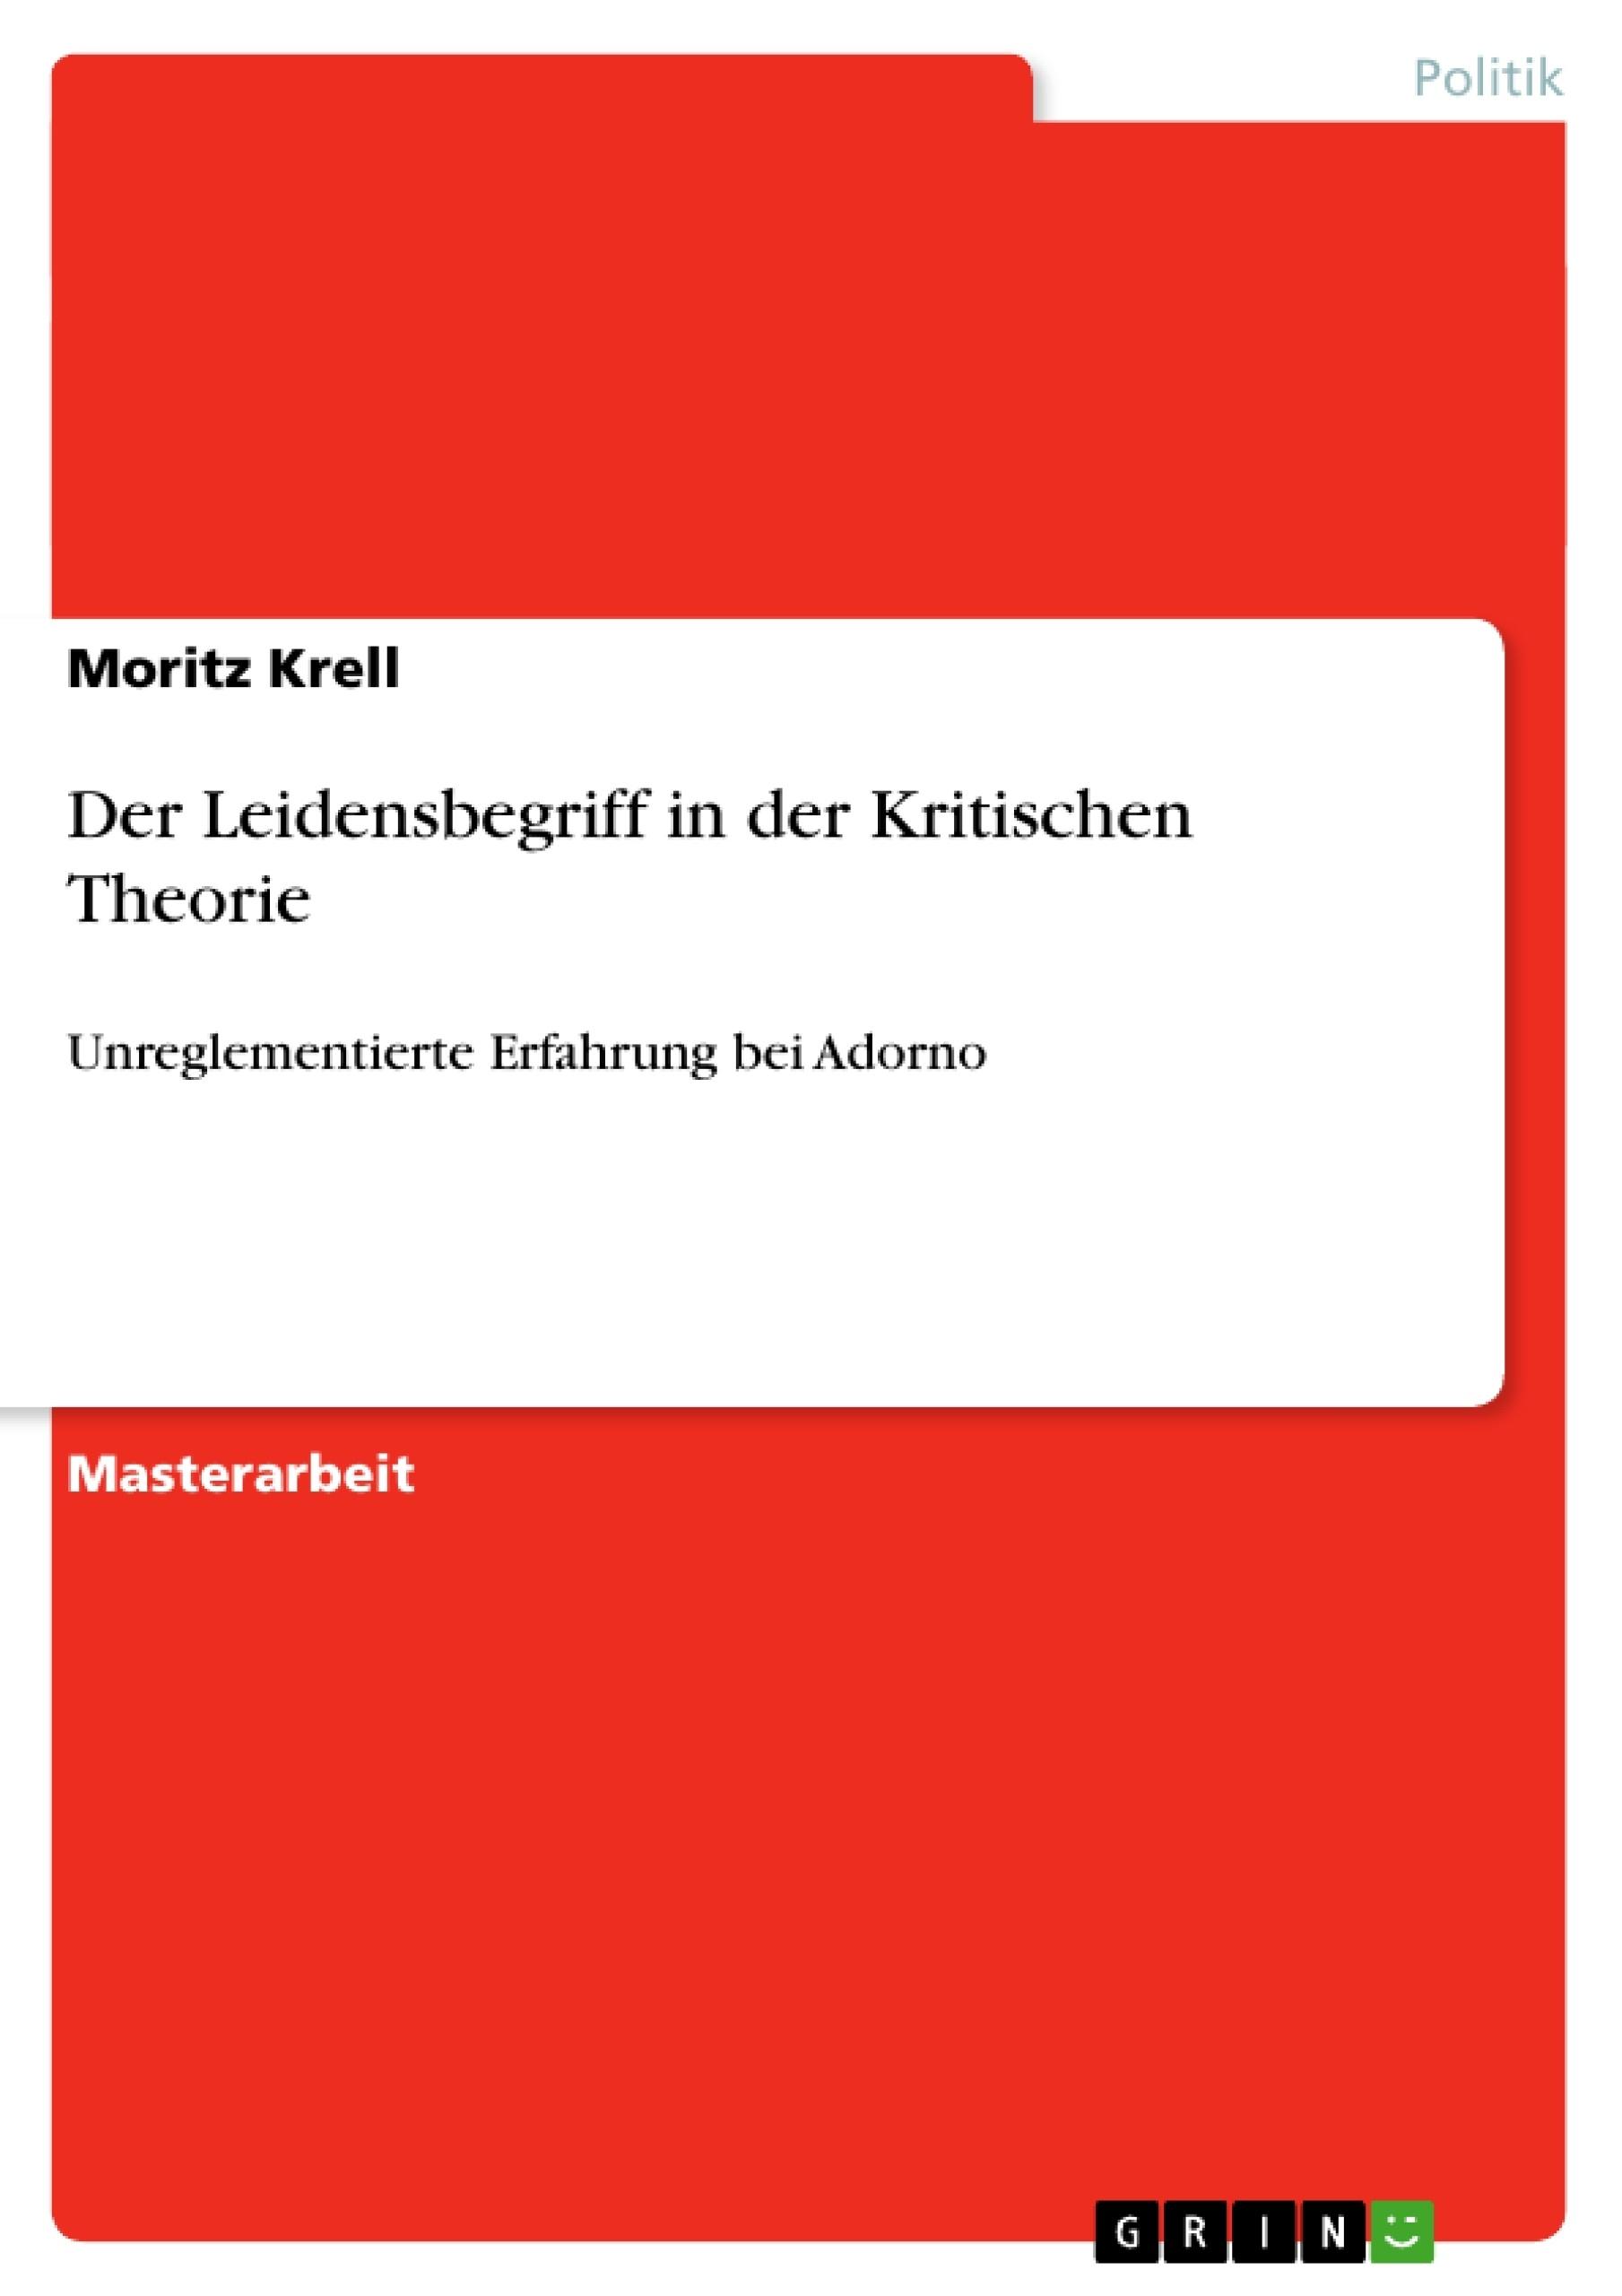 Titel: Der Leidensbegriff in der Kritischen Theorie